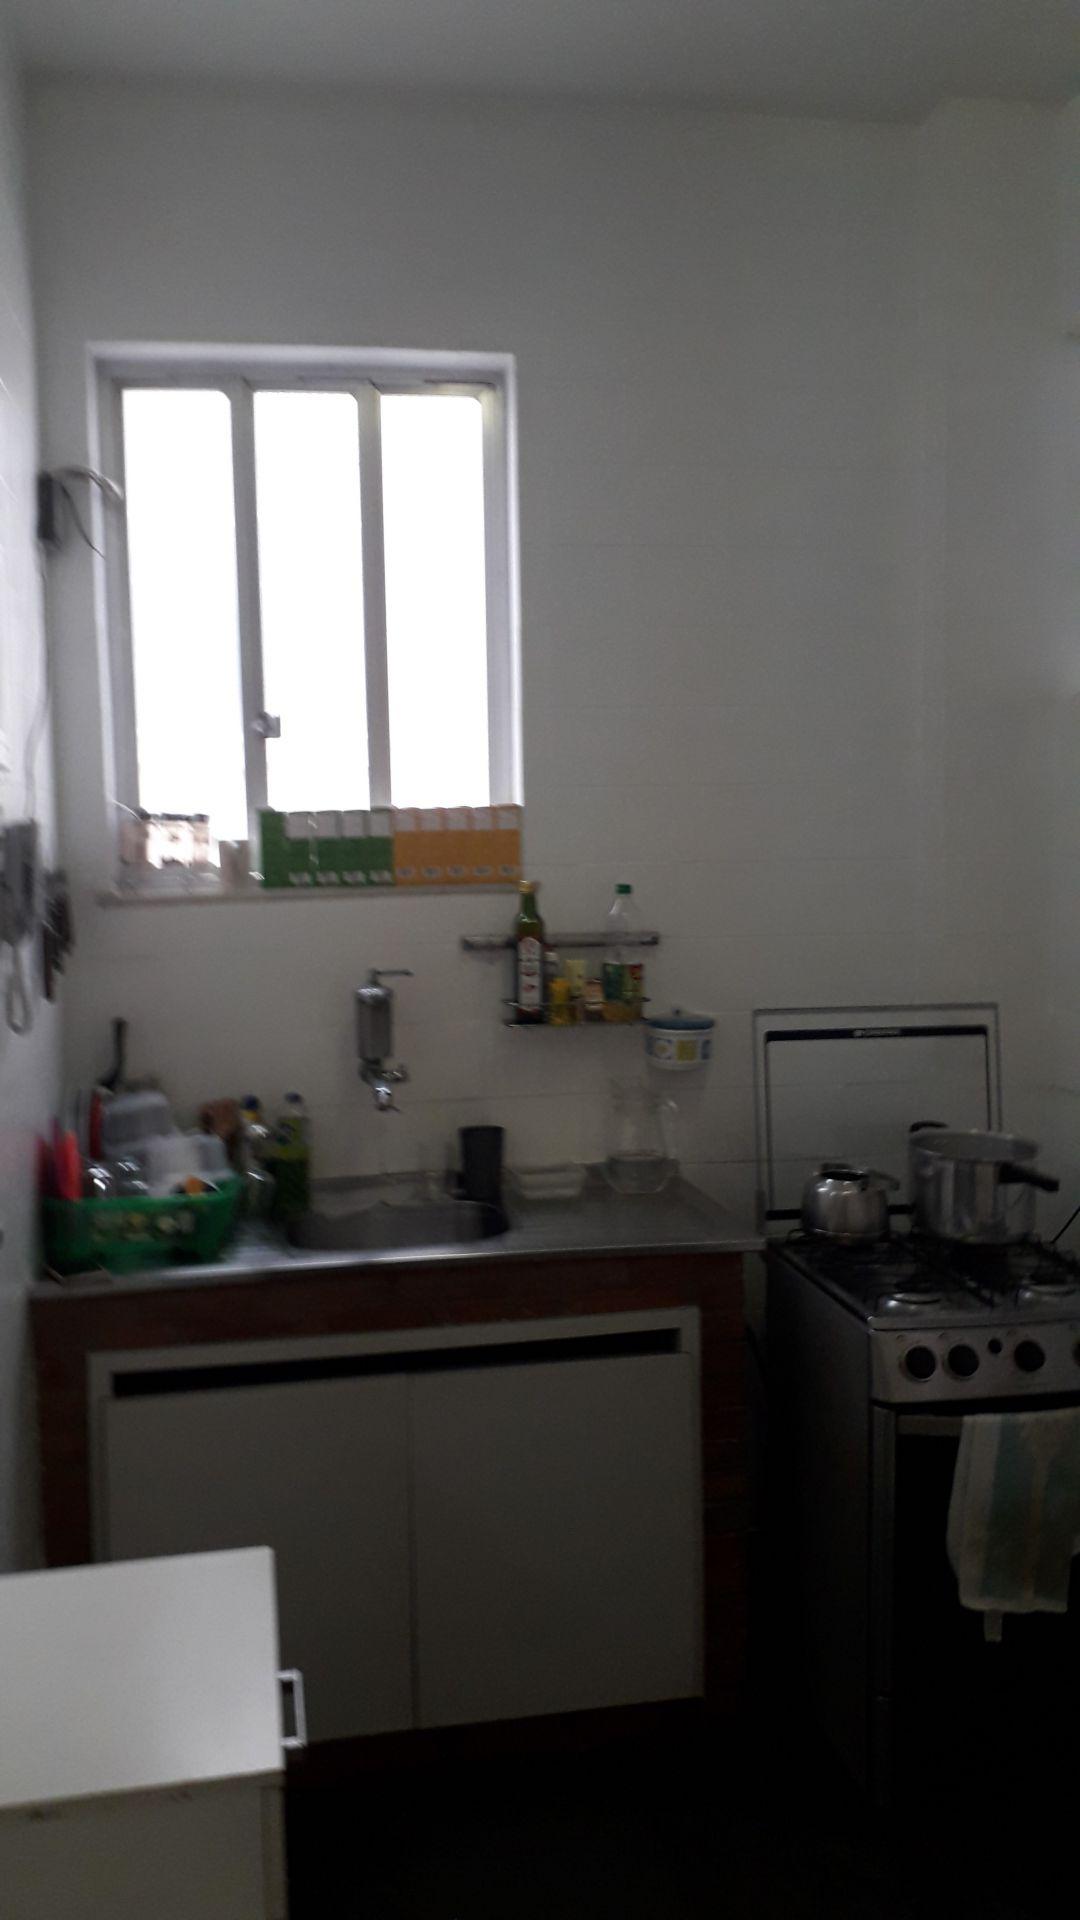 COZINHA - Apartamento Rua visconde de santa isabel,Grajaú, Grajaú,Rio de Janeiro, RJ À Venda, 2 Quartos, 59m² - 000484 - 6